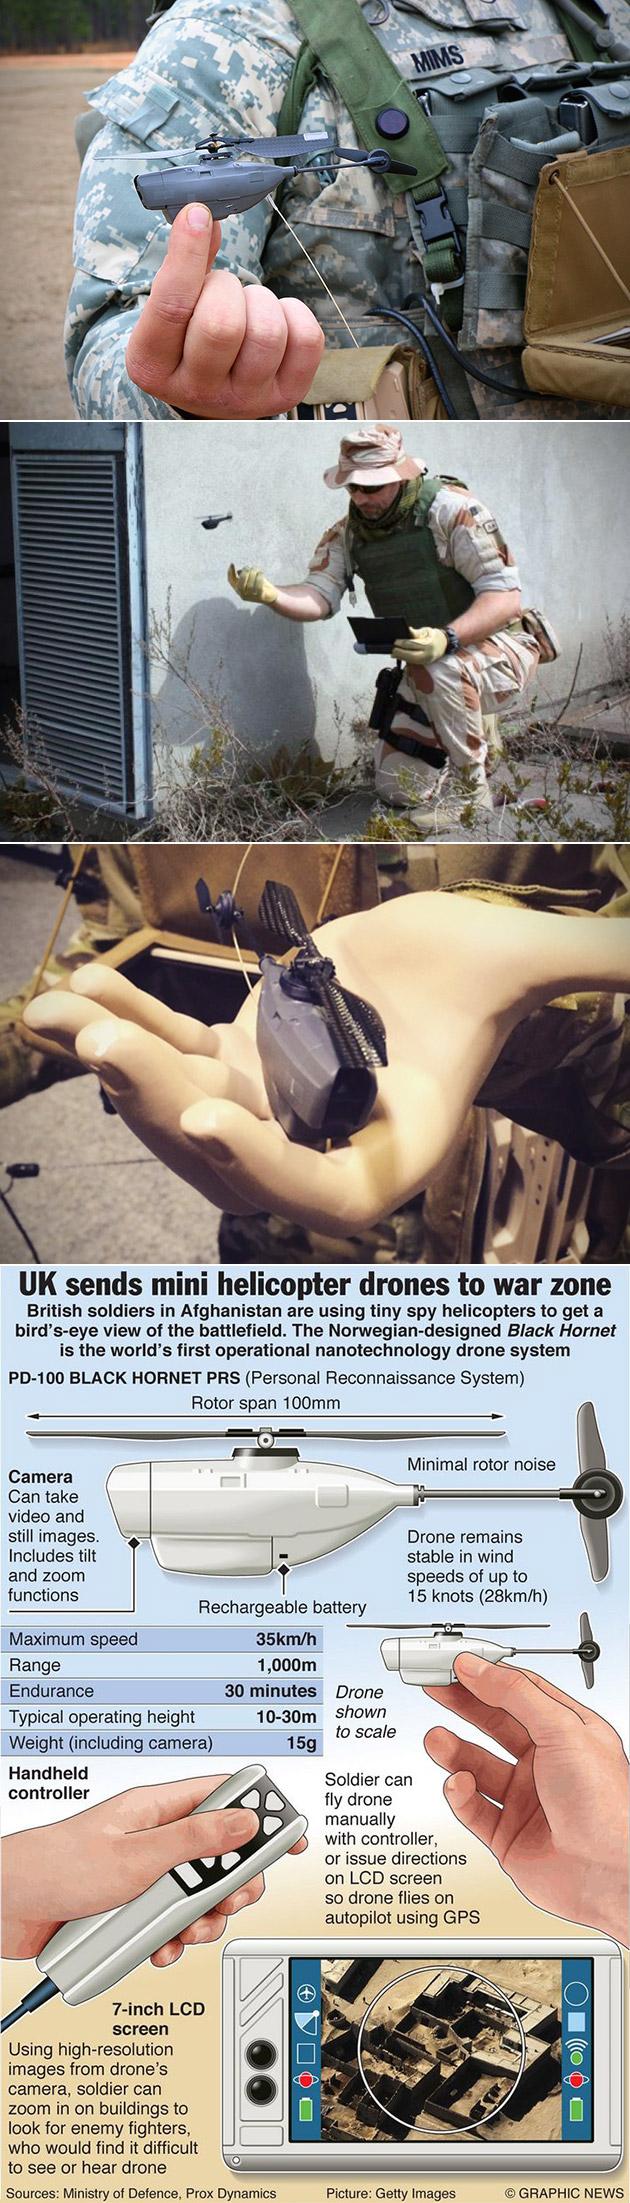 Black Hornet Drone